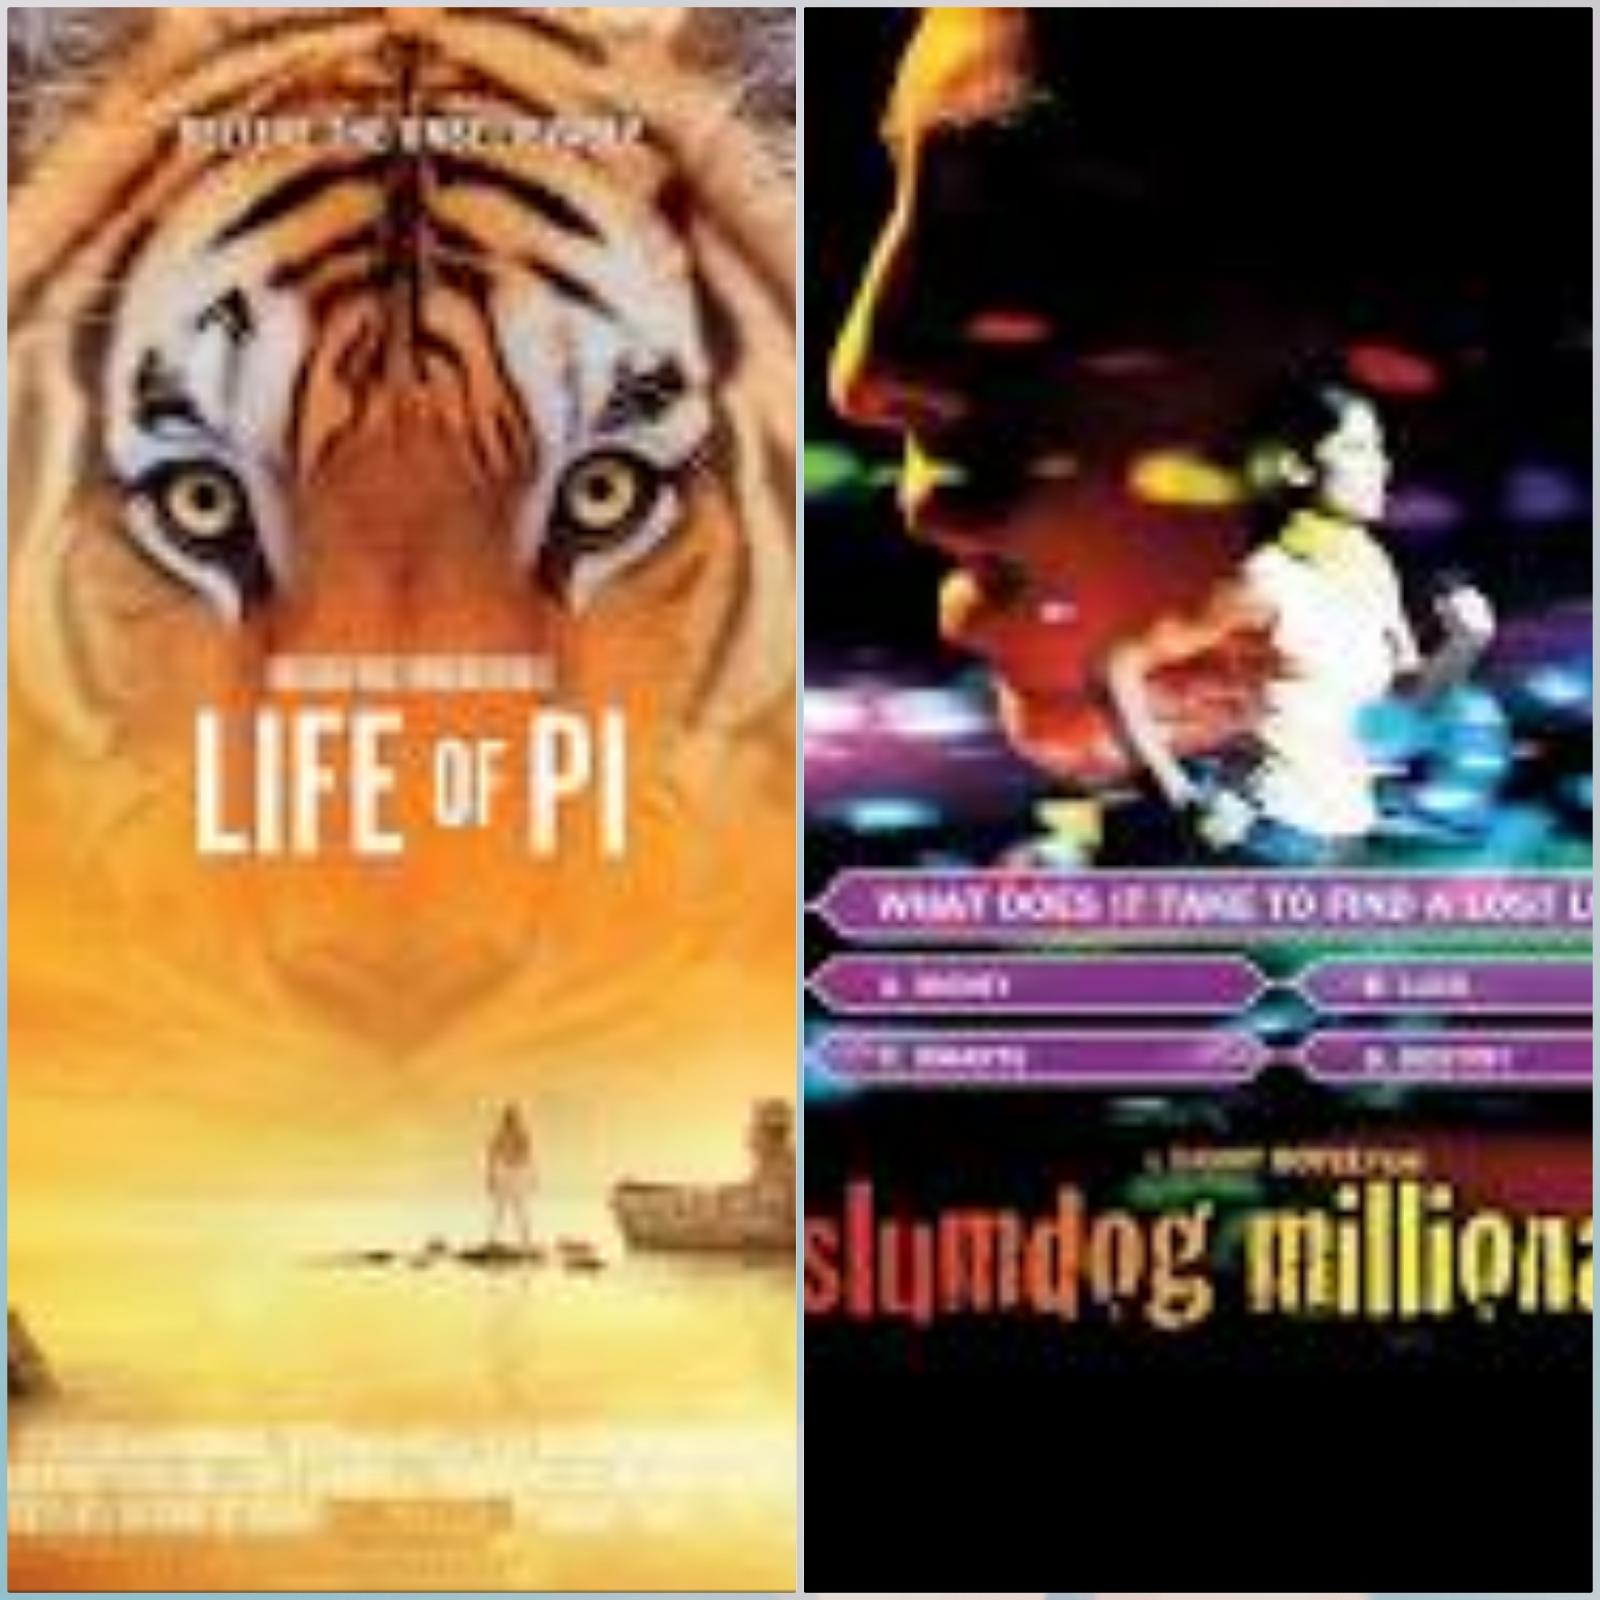 Irrfan-Khan-Life-Of-Pi-and-Slumdog-Millionire